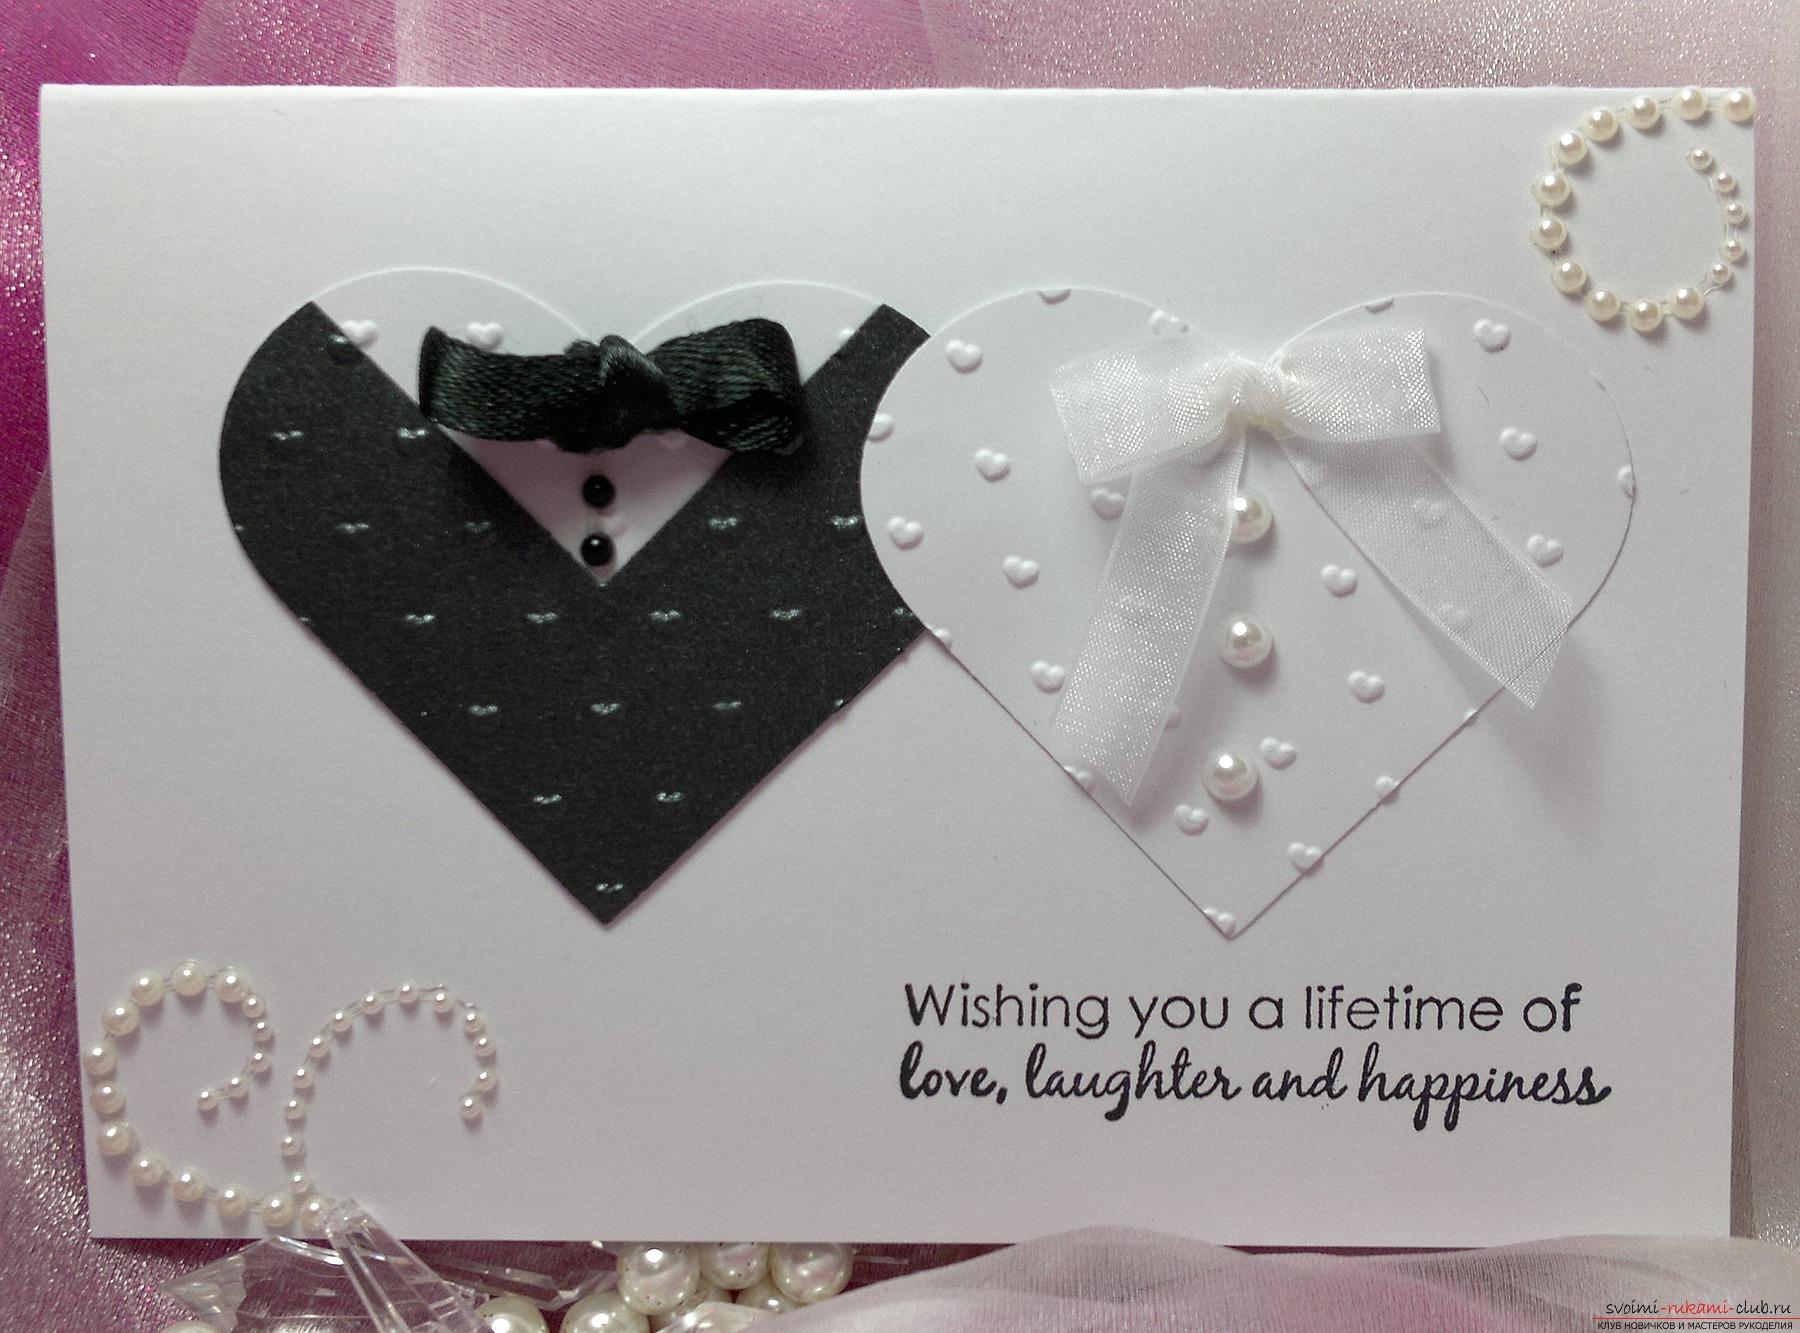 одиноких сделать красивую открытку на годовщину свадьбы ветру, запах будет